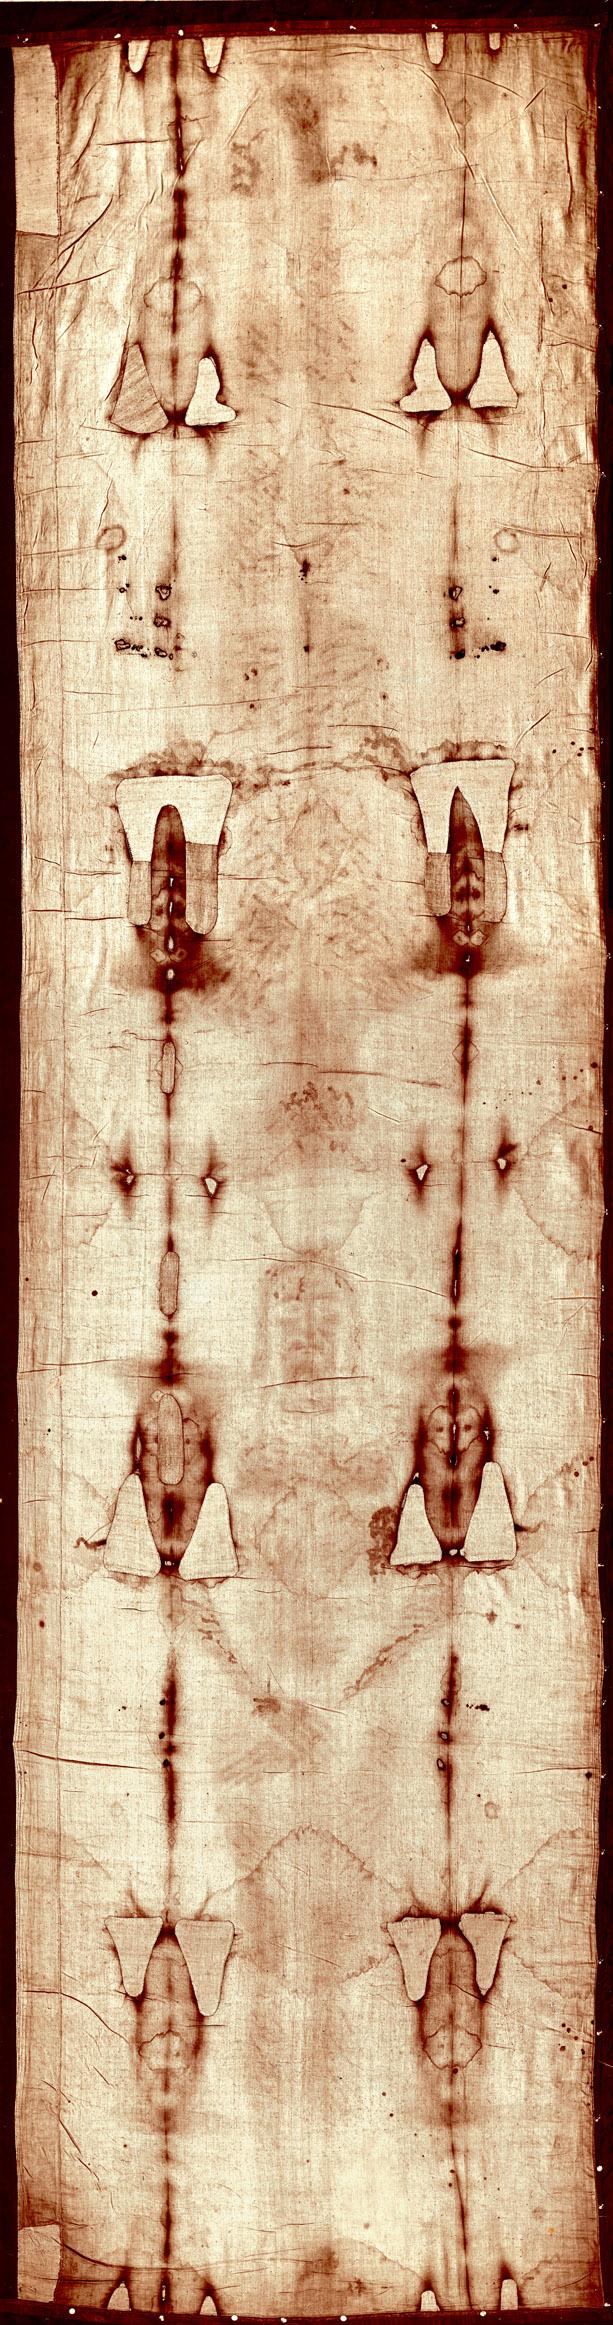 Cellé Turínské plátno. Foto: Giuseppe Enrie, Volné dílo.